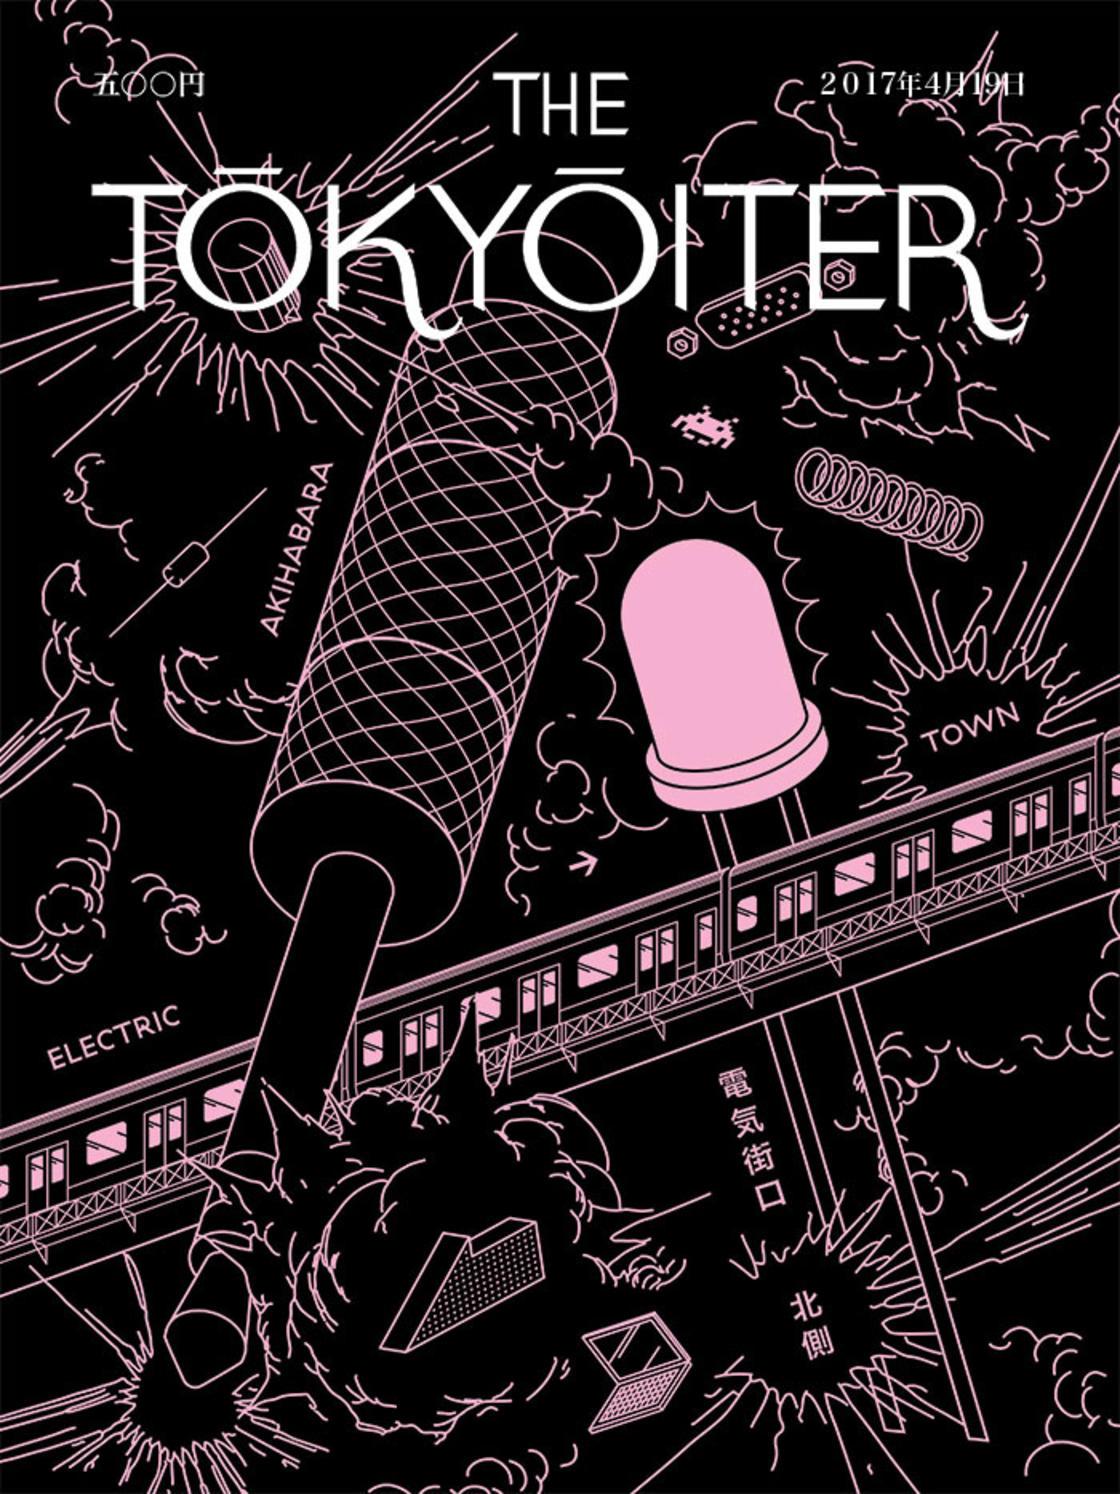 Um projeto de ilustradores para homenagear Toquio